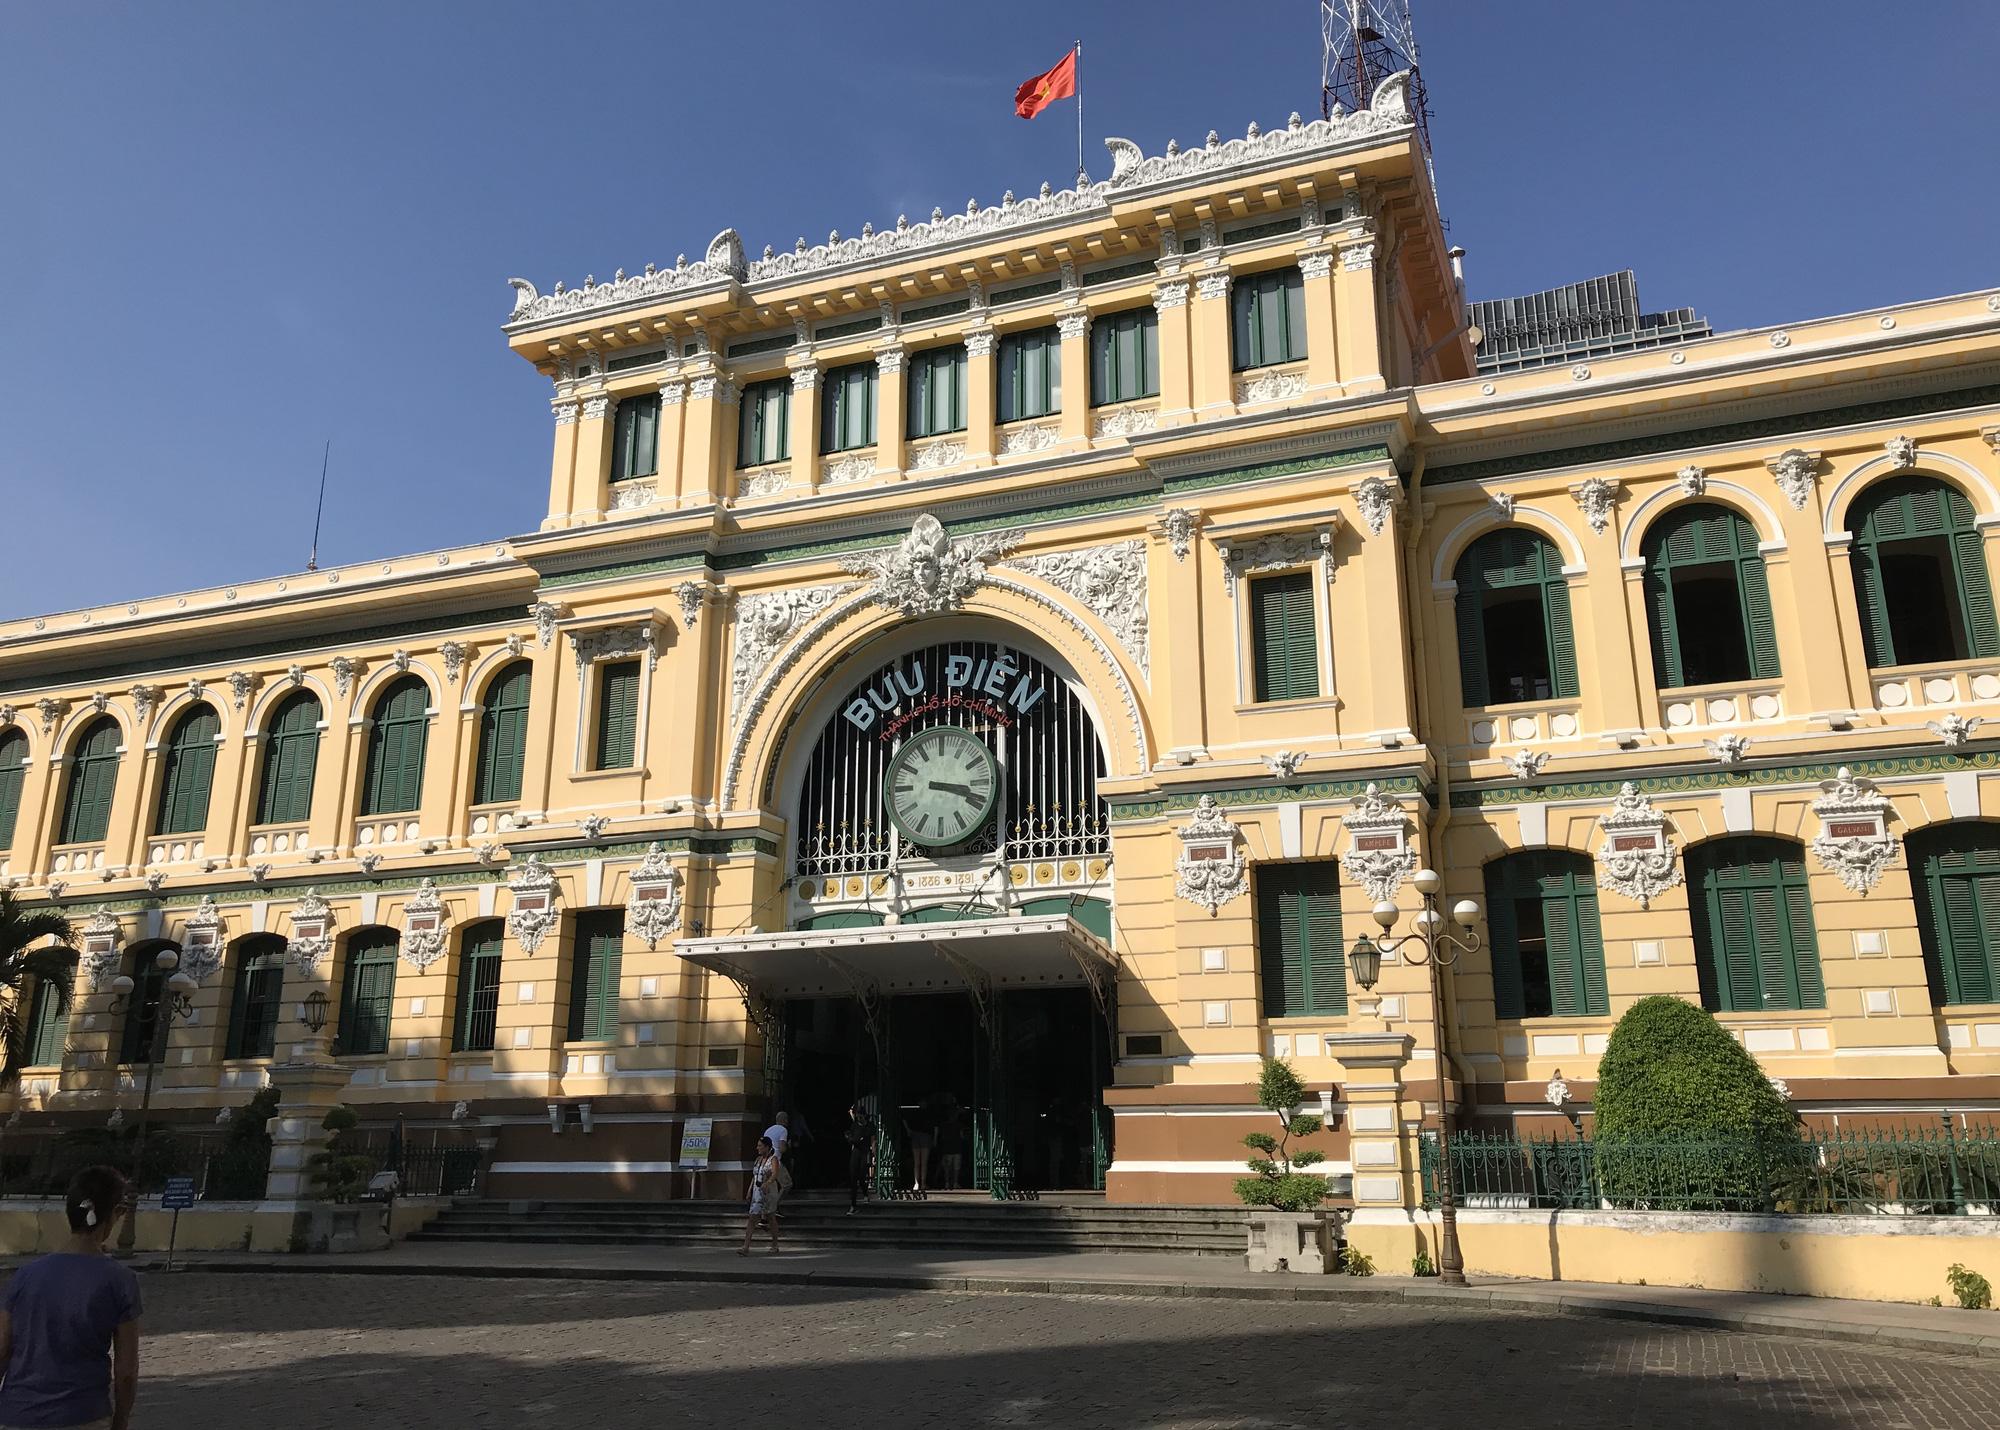 Liên tiếp xuất hiện ca nhiễm Covid-19, đường Sài Gòn vắng tanh, Vincom Đồng Khởi không một bóng người - Ảnh 5.